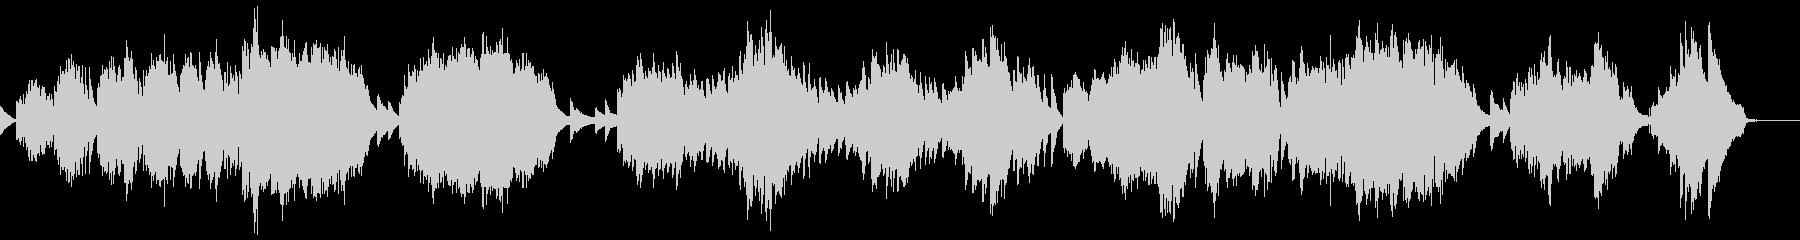 ワルツ第6番 Op.64-1/ショパンの未再生の波形